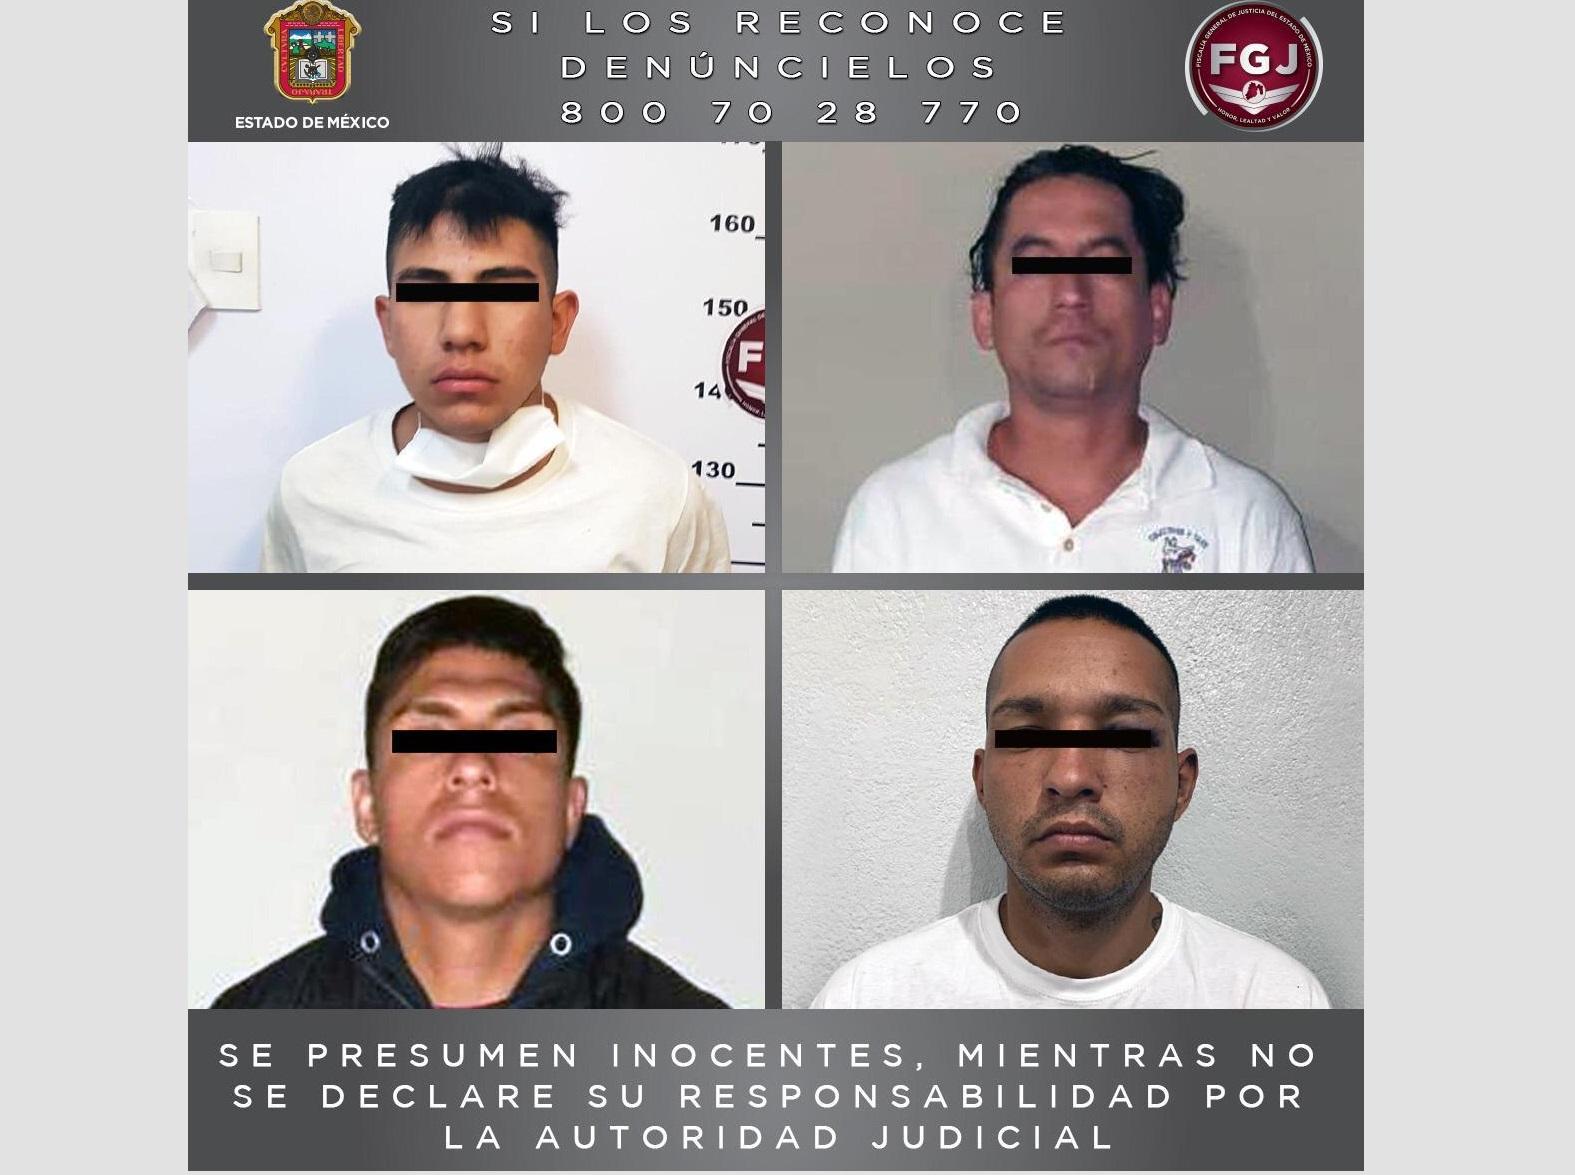 VINCULAN A PROCESO A CUATRO SUJETOS POR EL DELITO DE ROBO DE VEHÍCULO CON VIOLENCIA